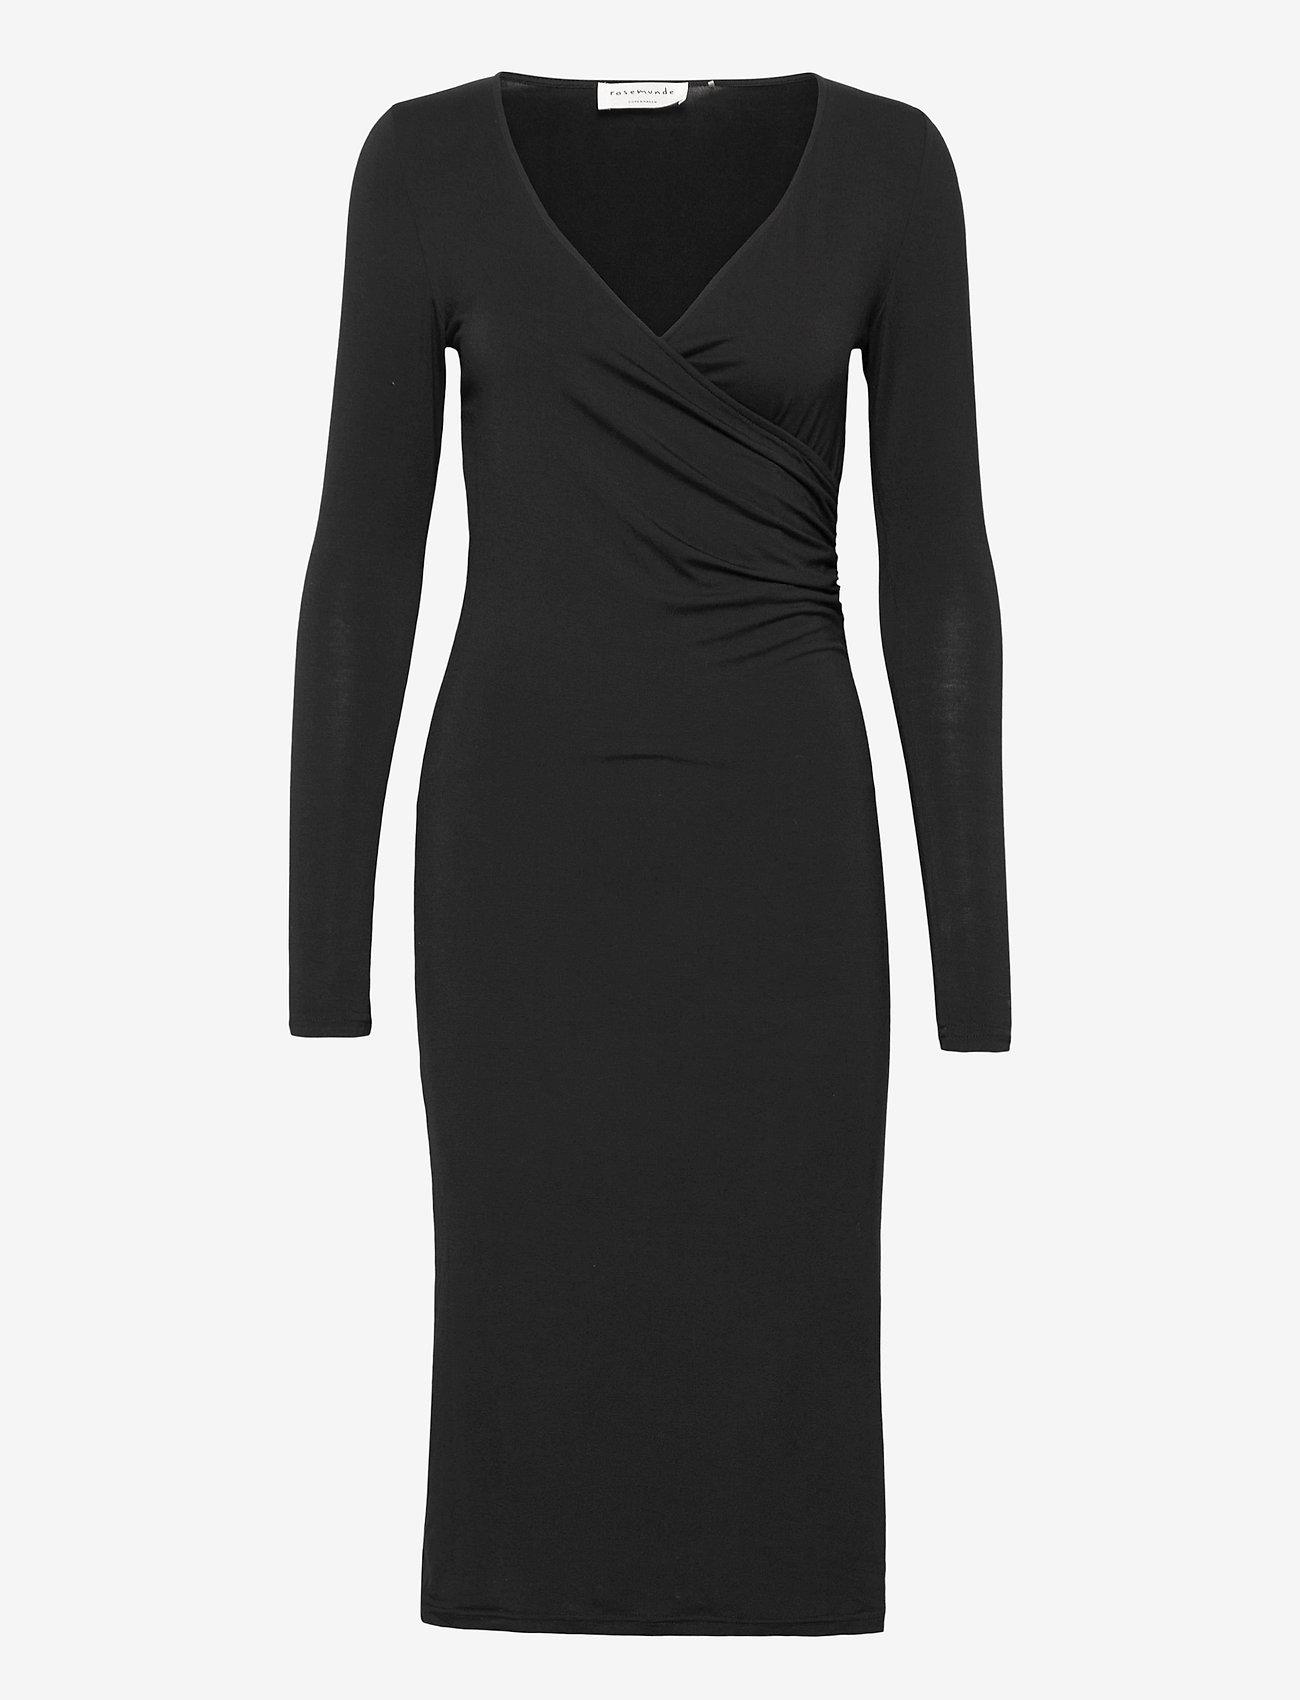 Rosemunde - Dress ls - vardagsklänningar - black - 0